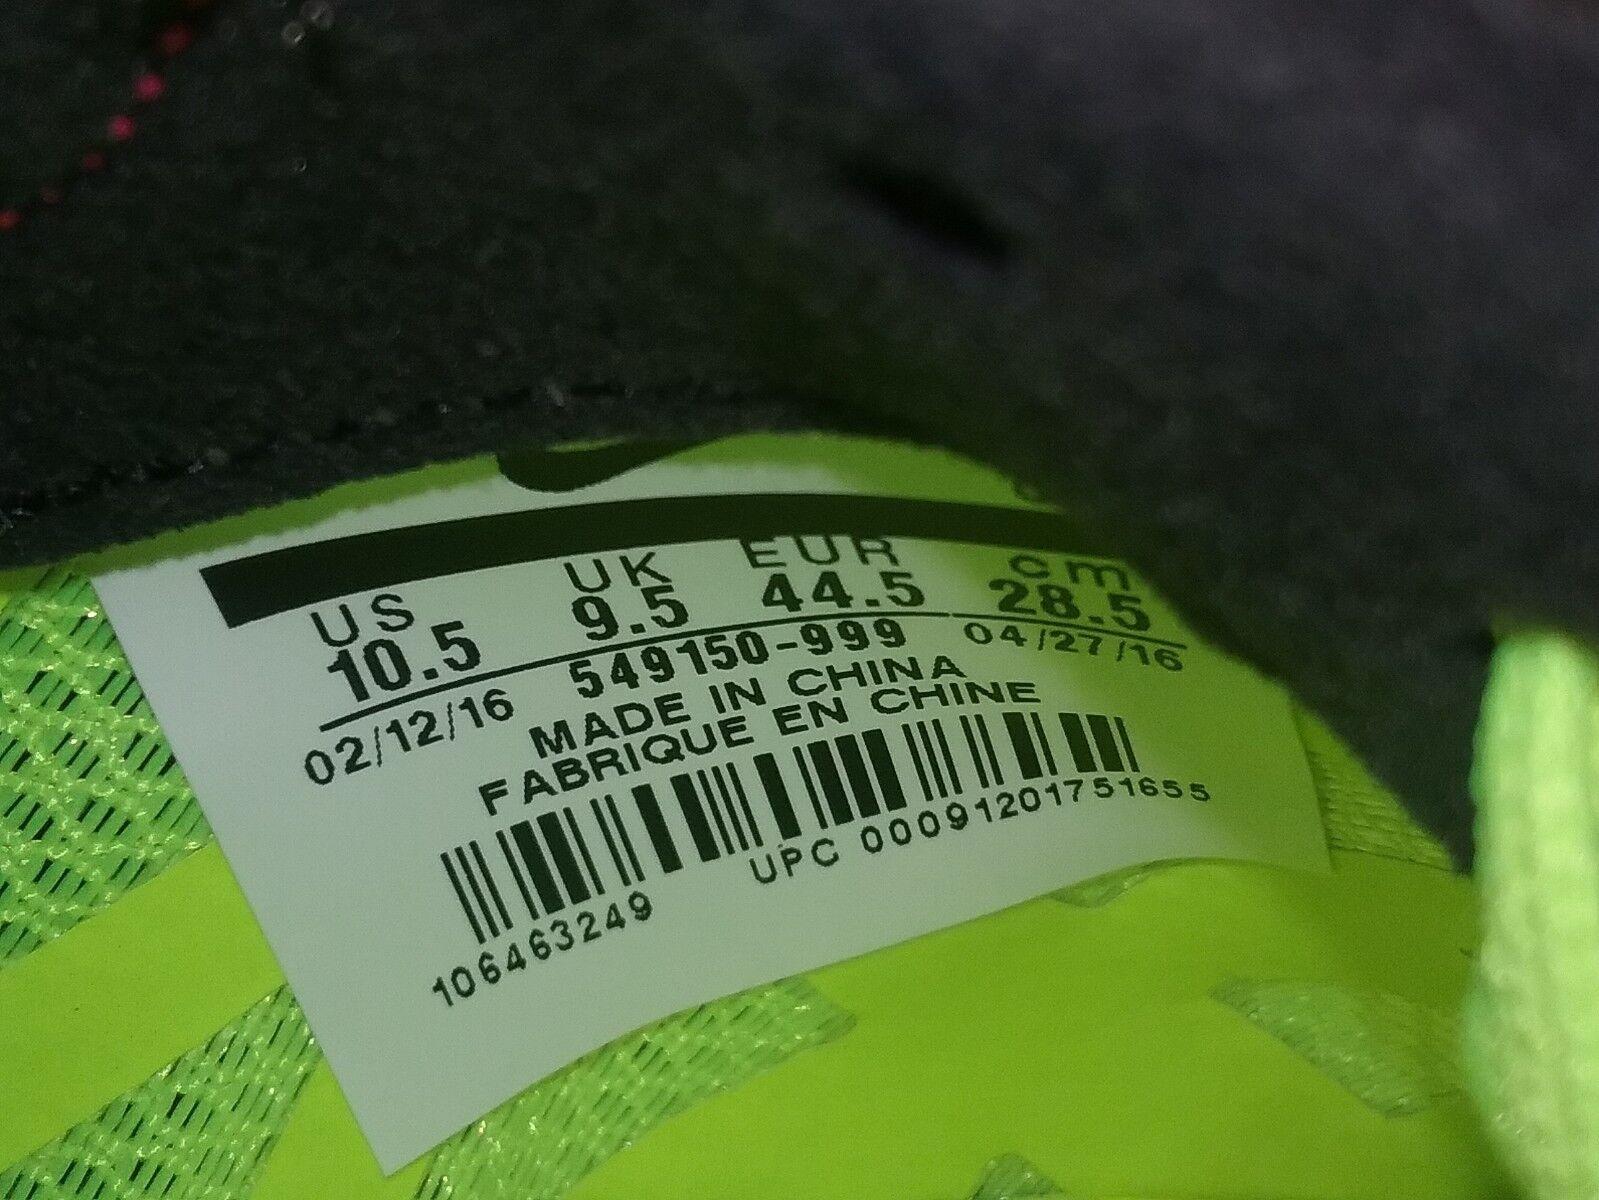 Nike zoom maxcat 4 4 4 rio o pista campo volt rosa 549150-999 w   spuntoni uomini confezioni   Lasciare Che I Nostri Beni Vanno Al Mondo  4b5247